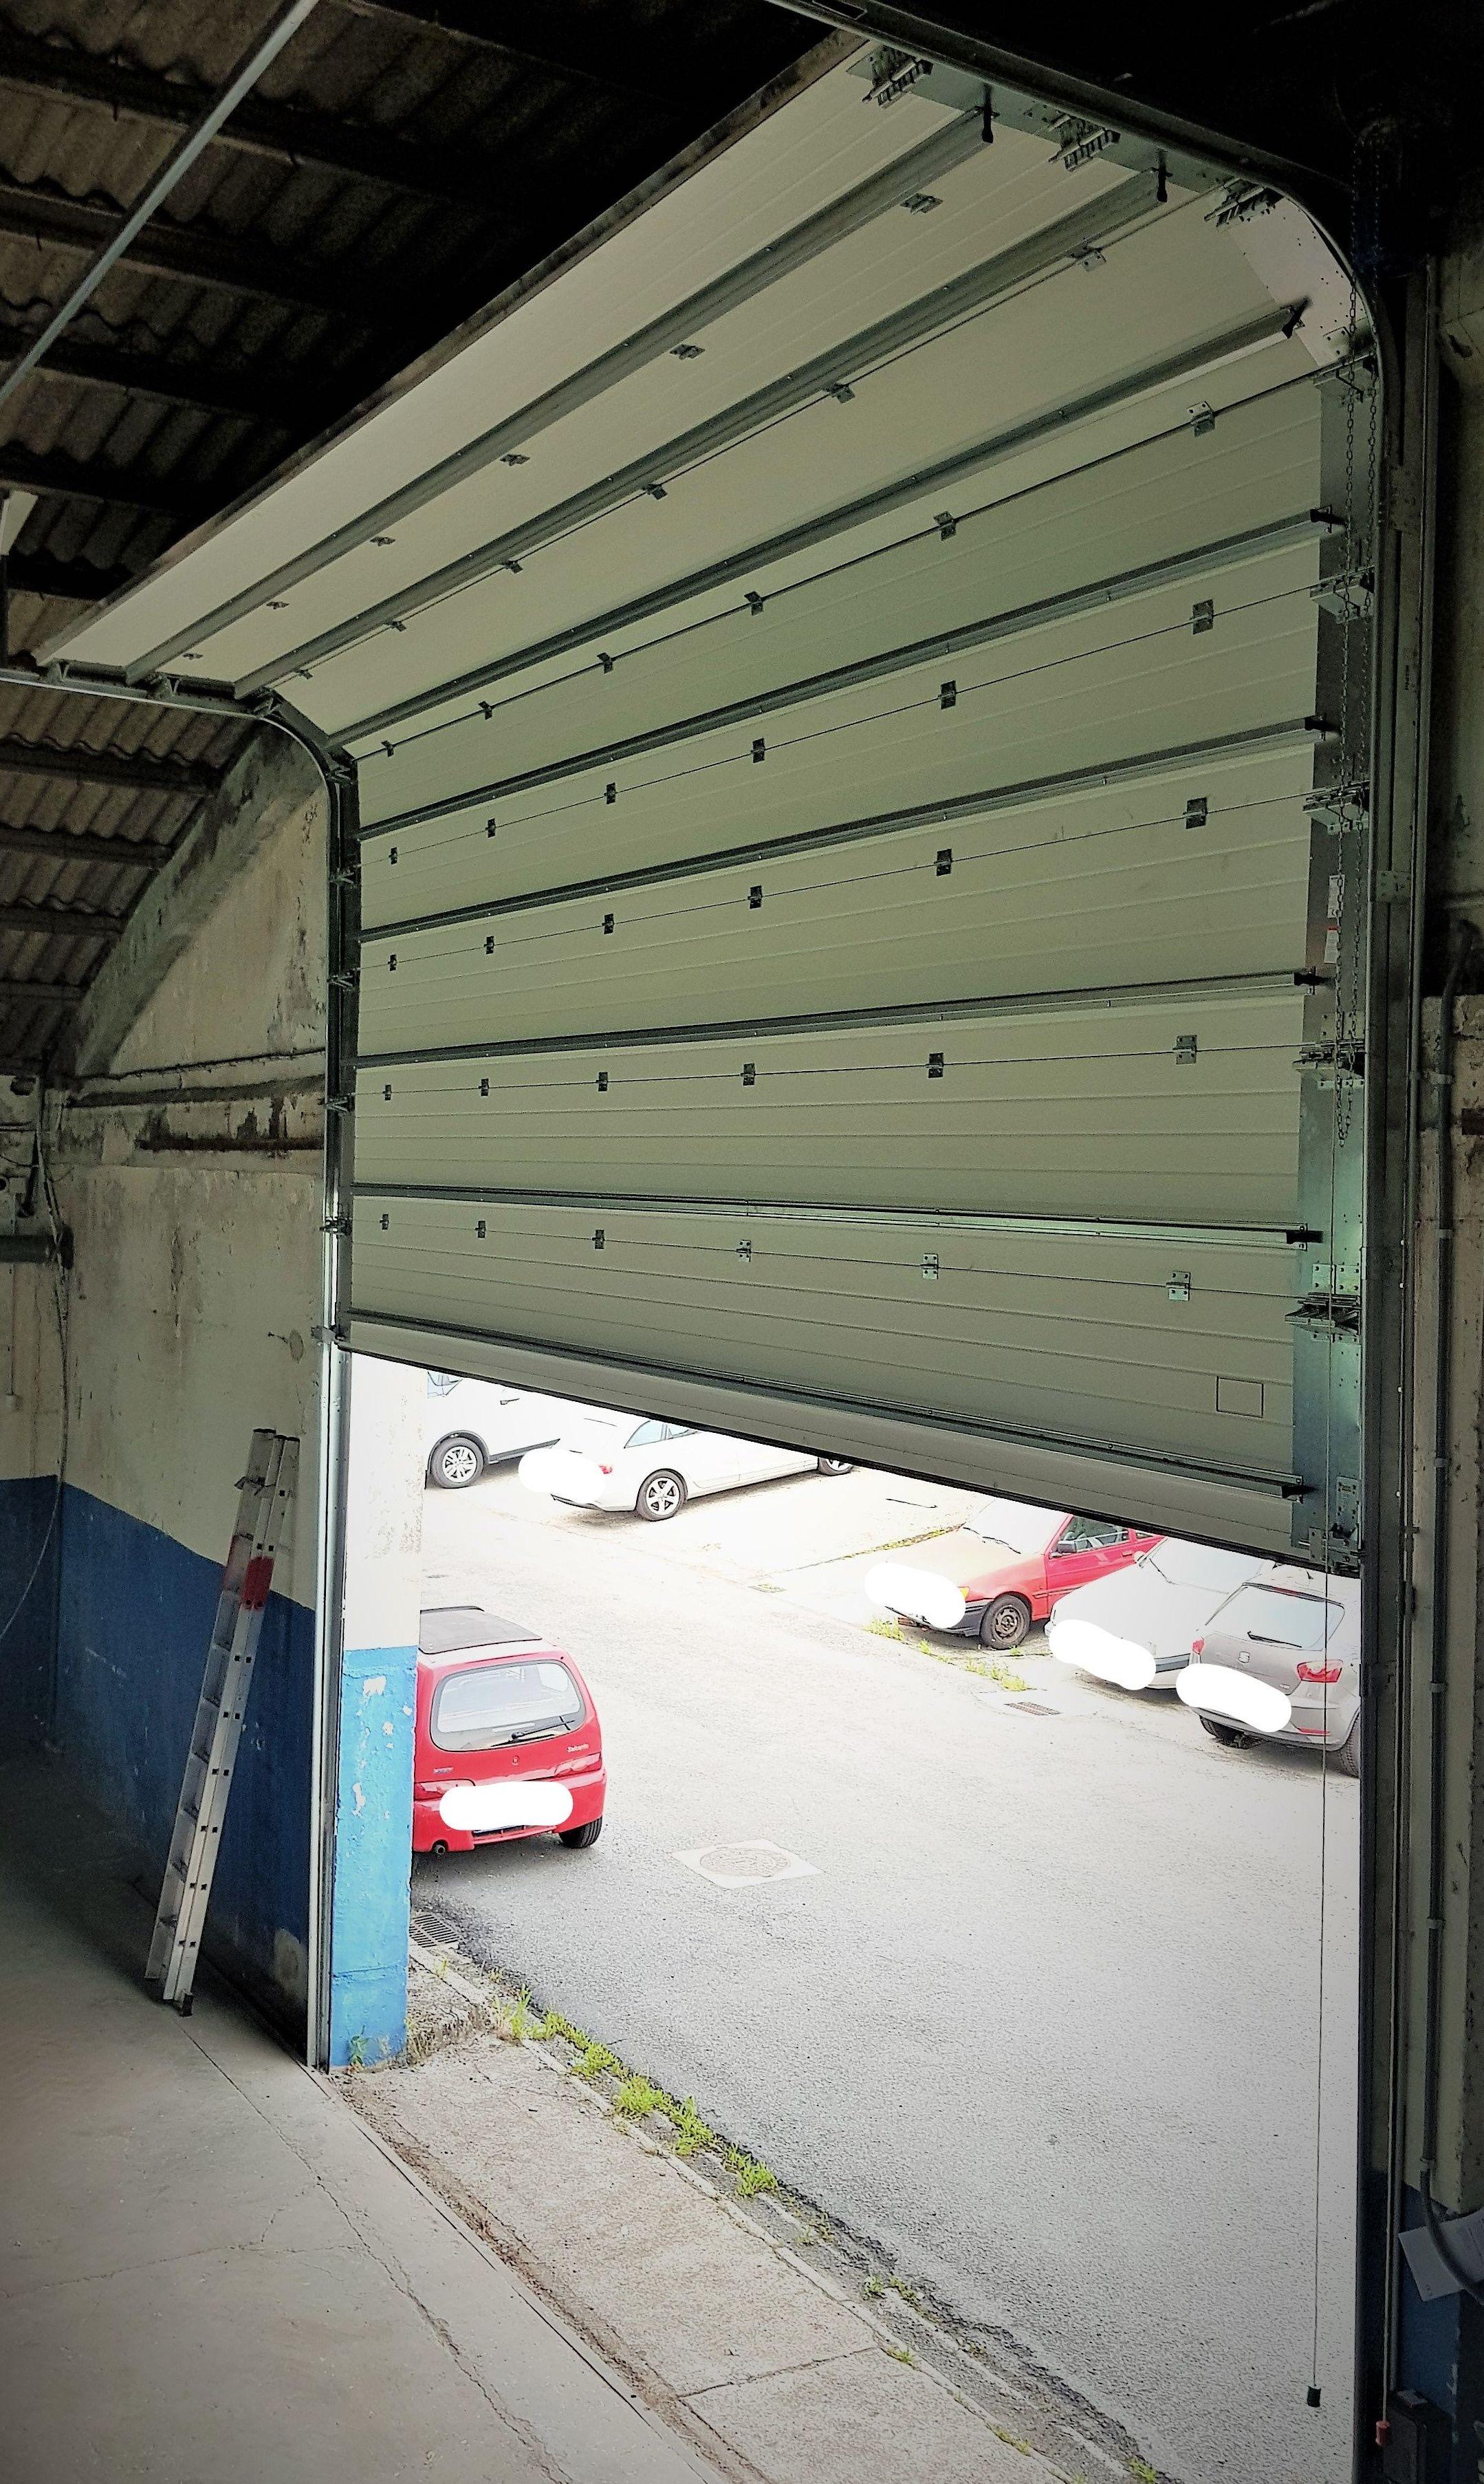 Puerta seccional de gran formato con caballetes y portarrodillos dobles. Elevación en semiguillotina. Vista interior.